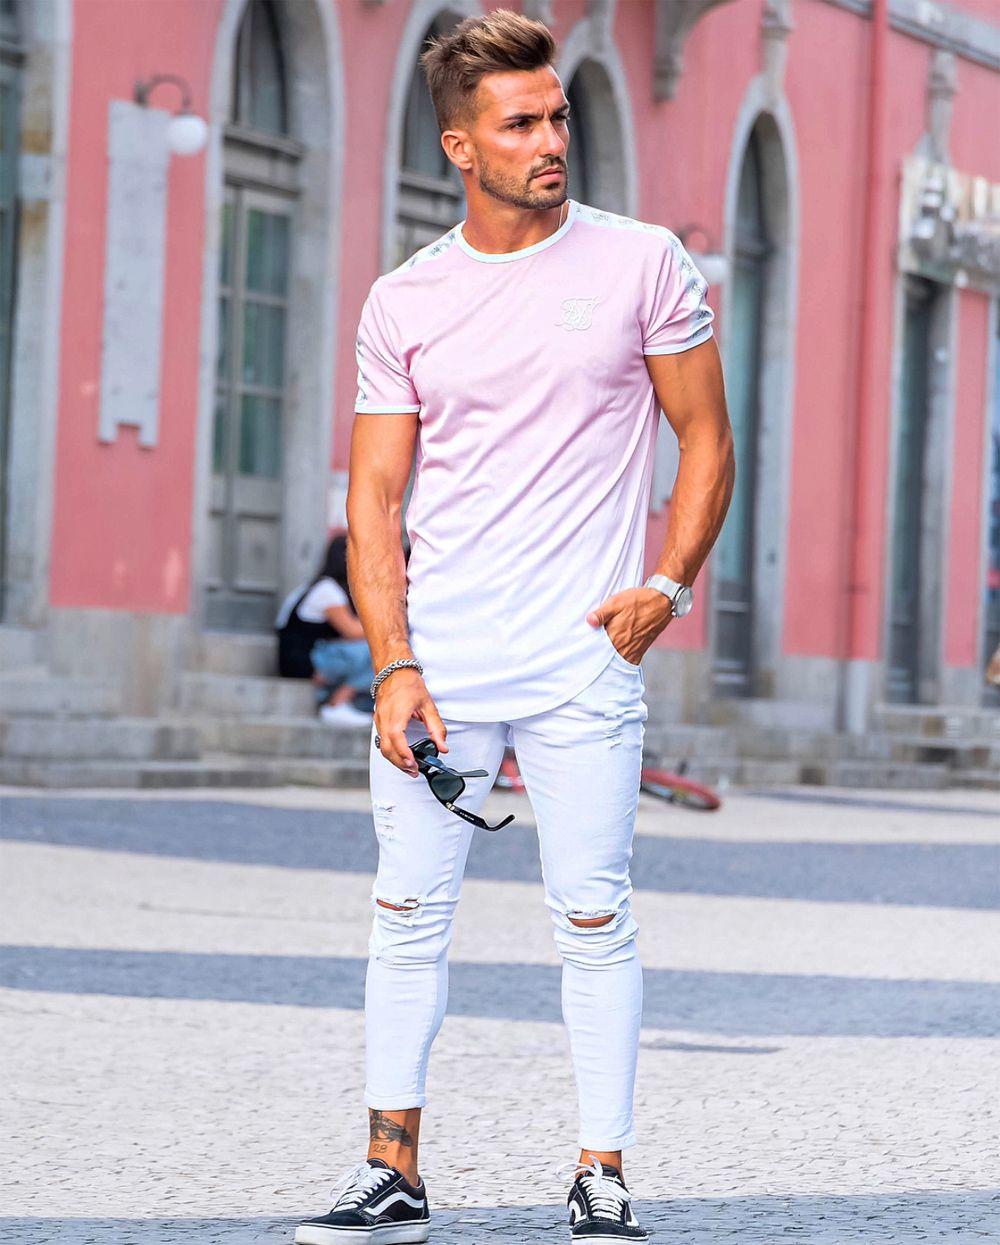 Inspiração de look masculino para a primavera 2018 e verão 2019 com calça  cropped e camiseta rosa. Veja mais dicas de moda para combinar com o tênis  Vans ... d38f9e11c41